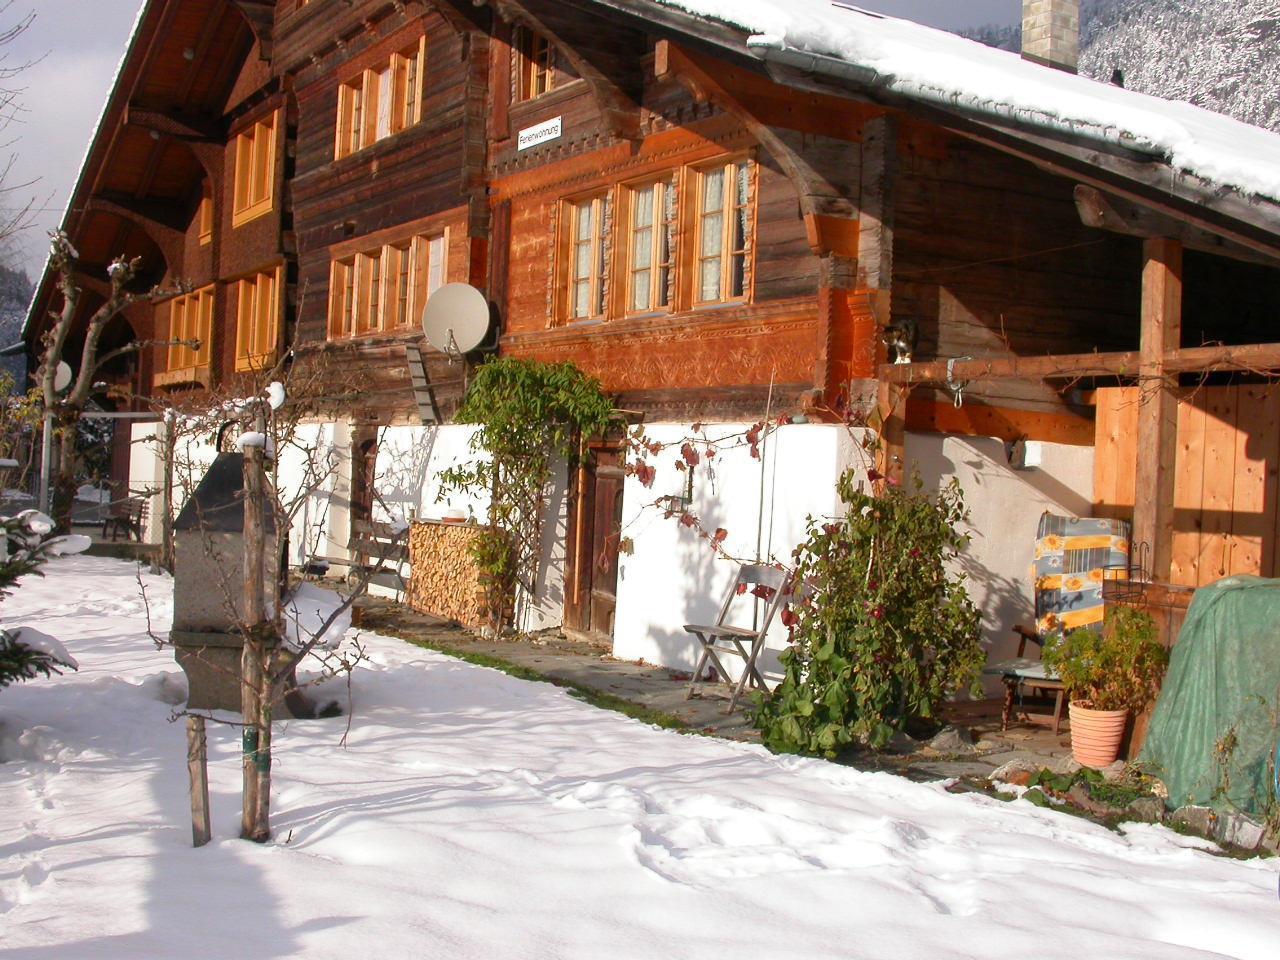 Ferienwohnung Darioli 5-Bettwohnung (2692273), Innertkirchen, Meiringen - Hasliberg, Berner Oberland, Schweiz, Bild 6